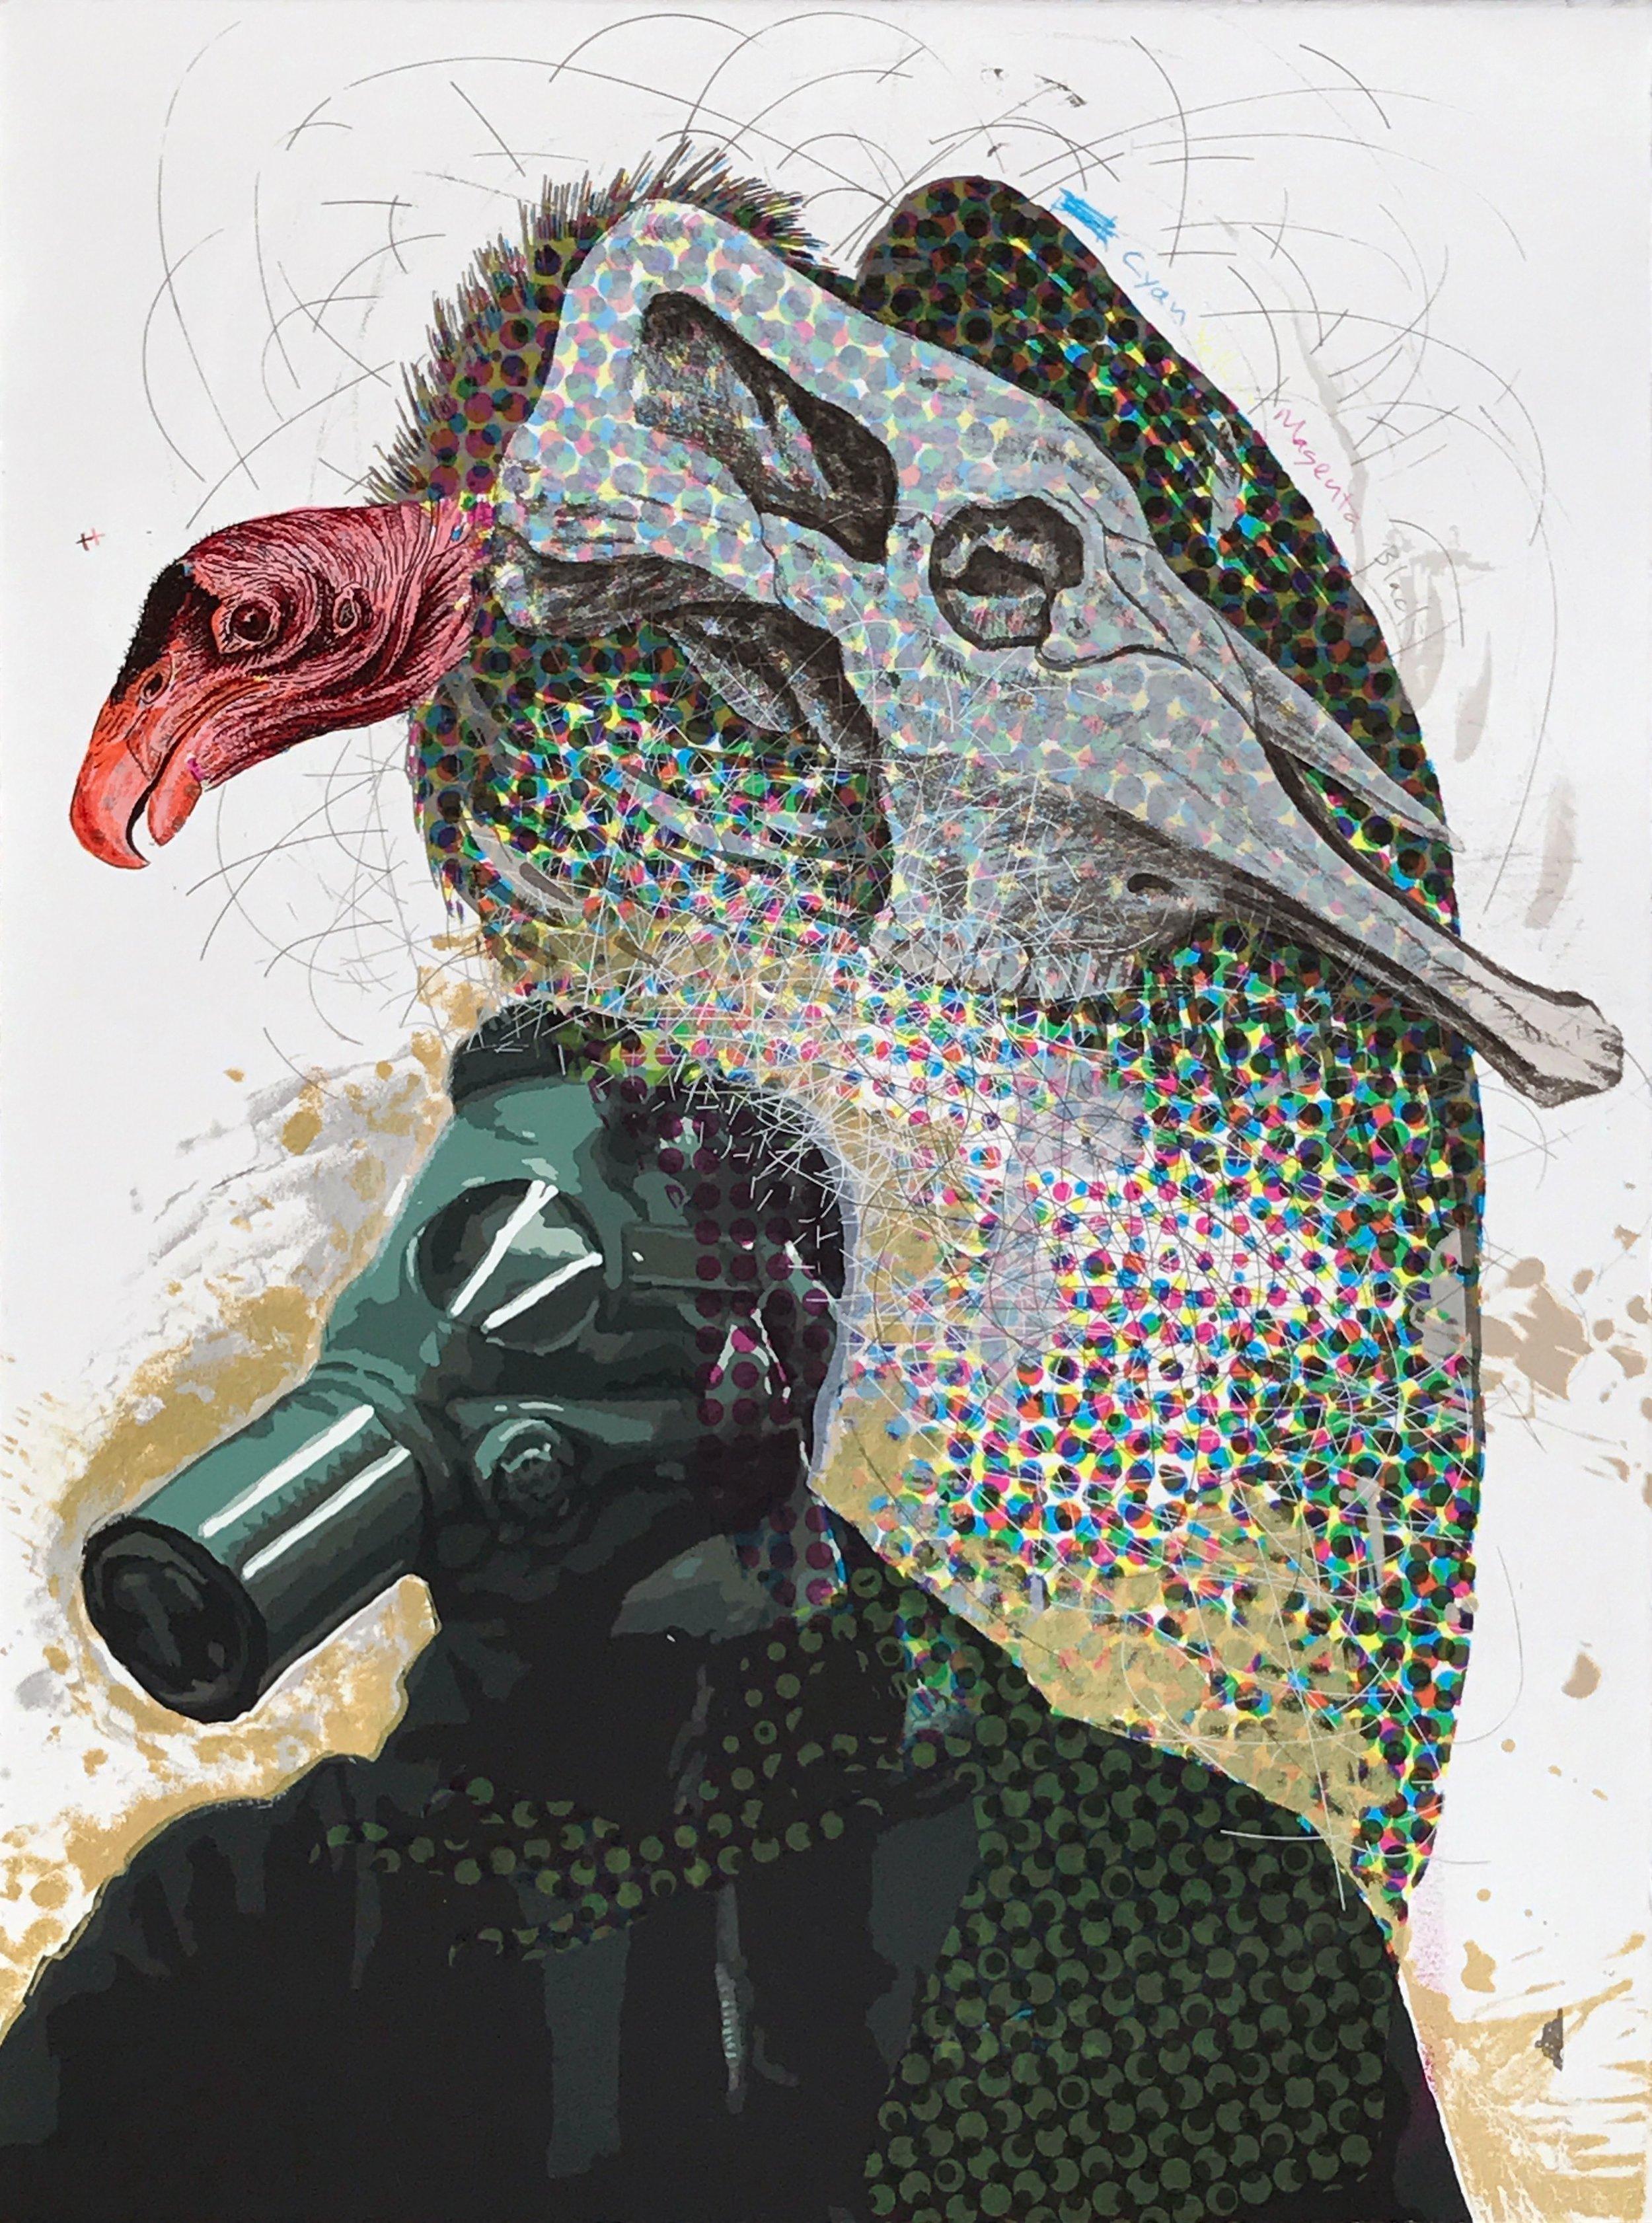 Matt Hopson-Walker,  A Man Among Vultures,  Screenprint, 2017